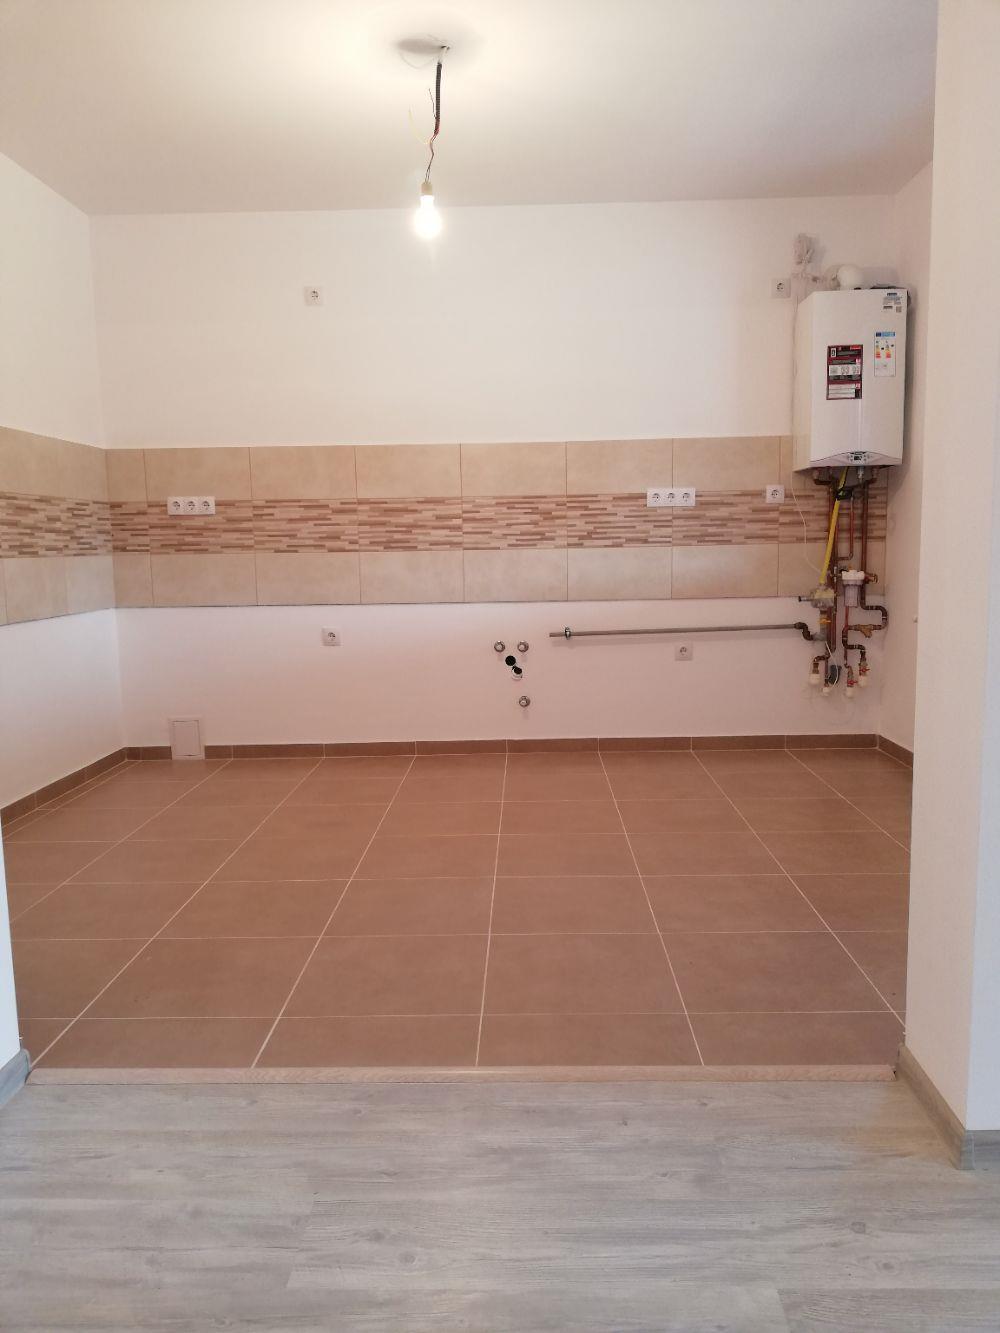 Proprietar Vind Duplex pe Parter cu utilitati  - imagine 2